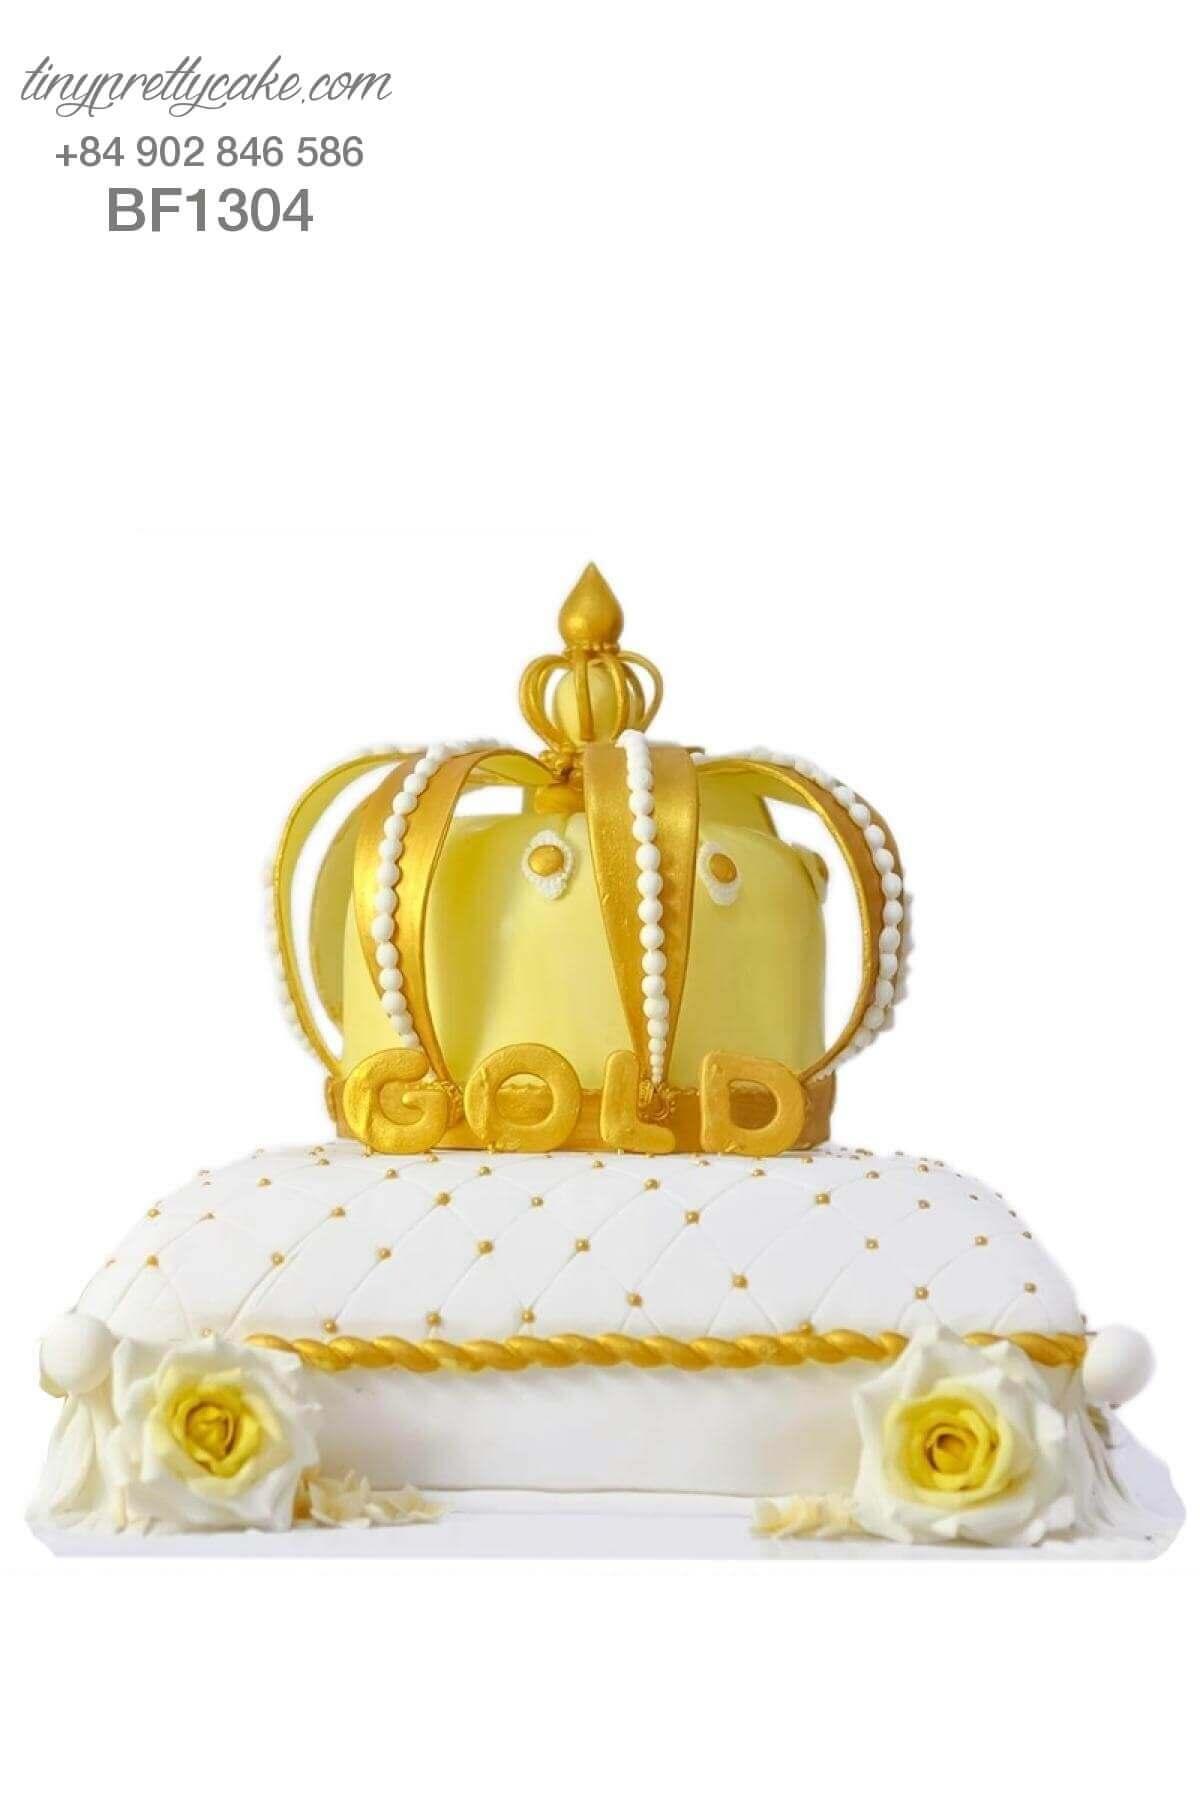 Bánh kem vương miện hoàng tử